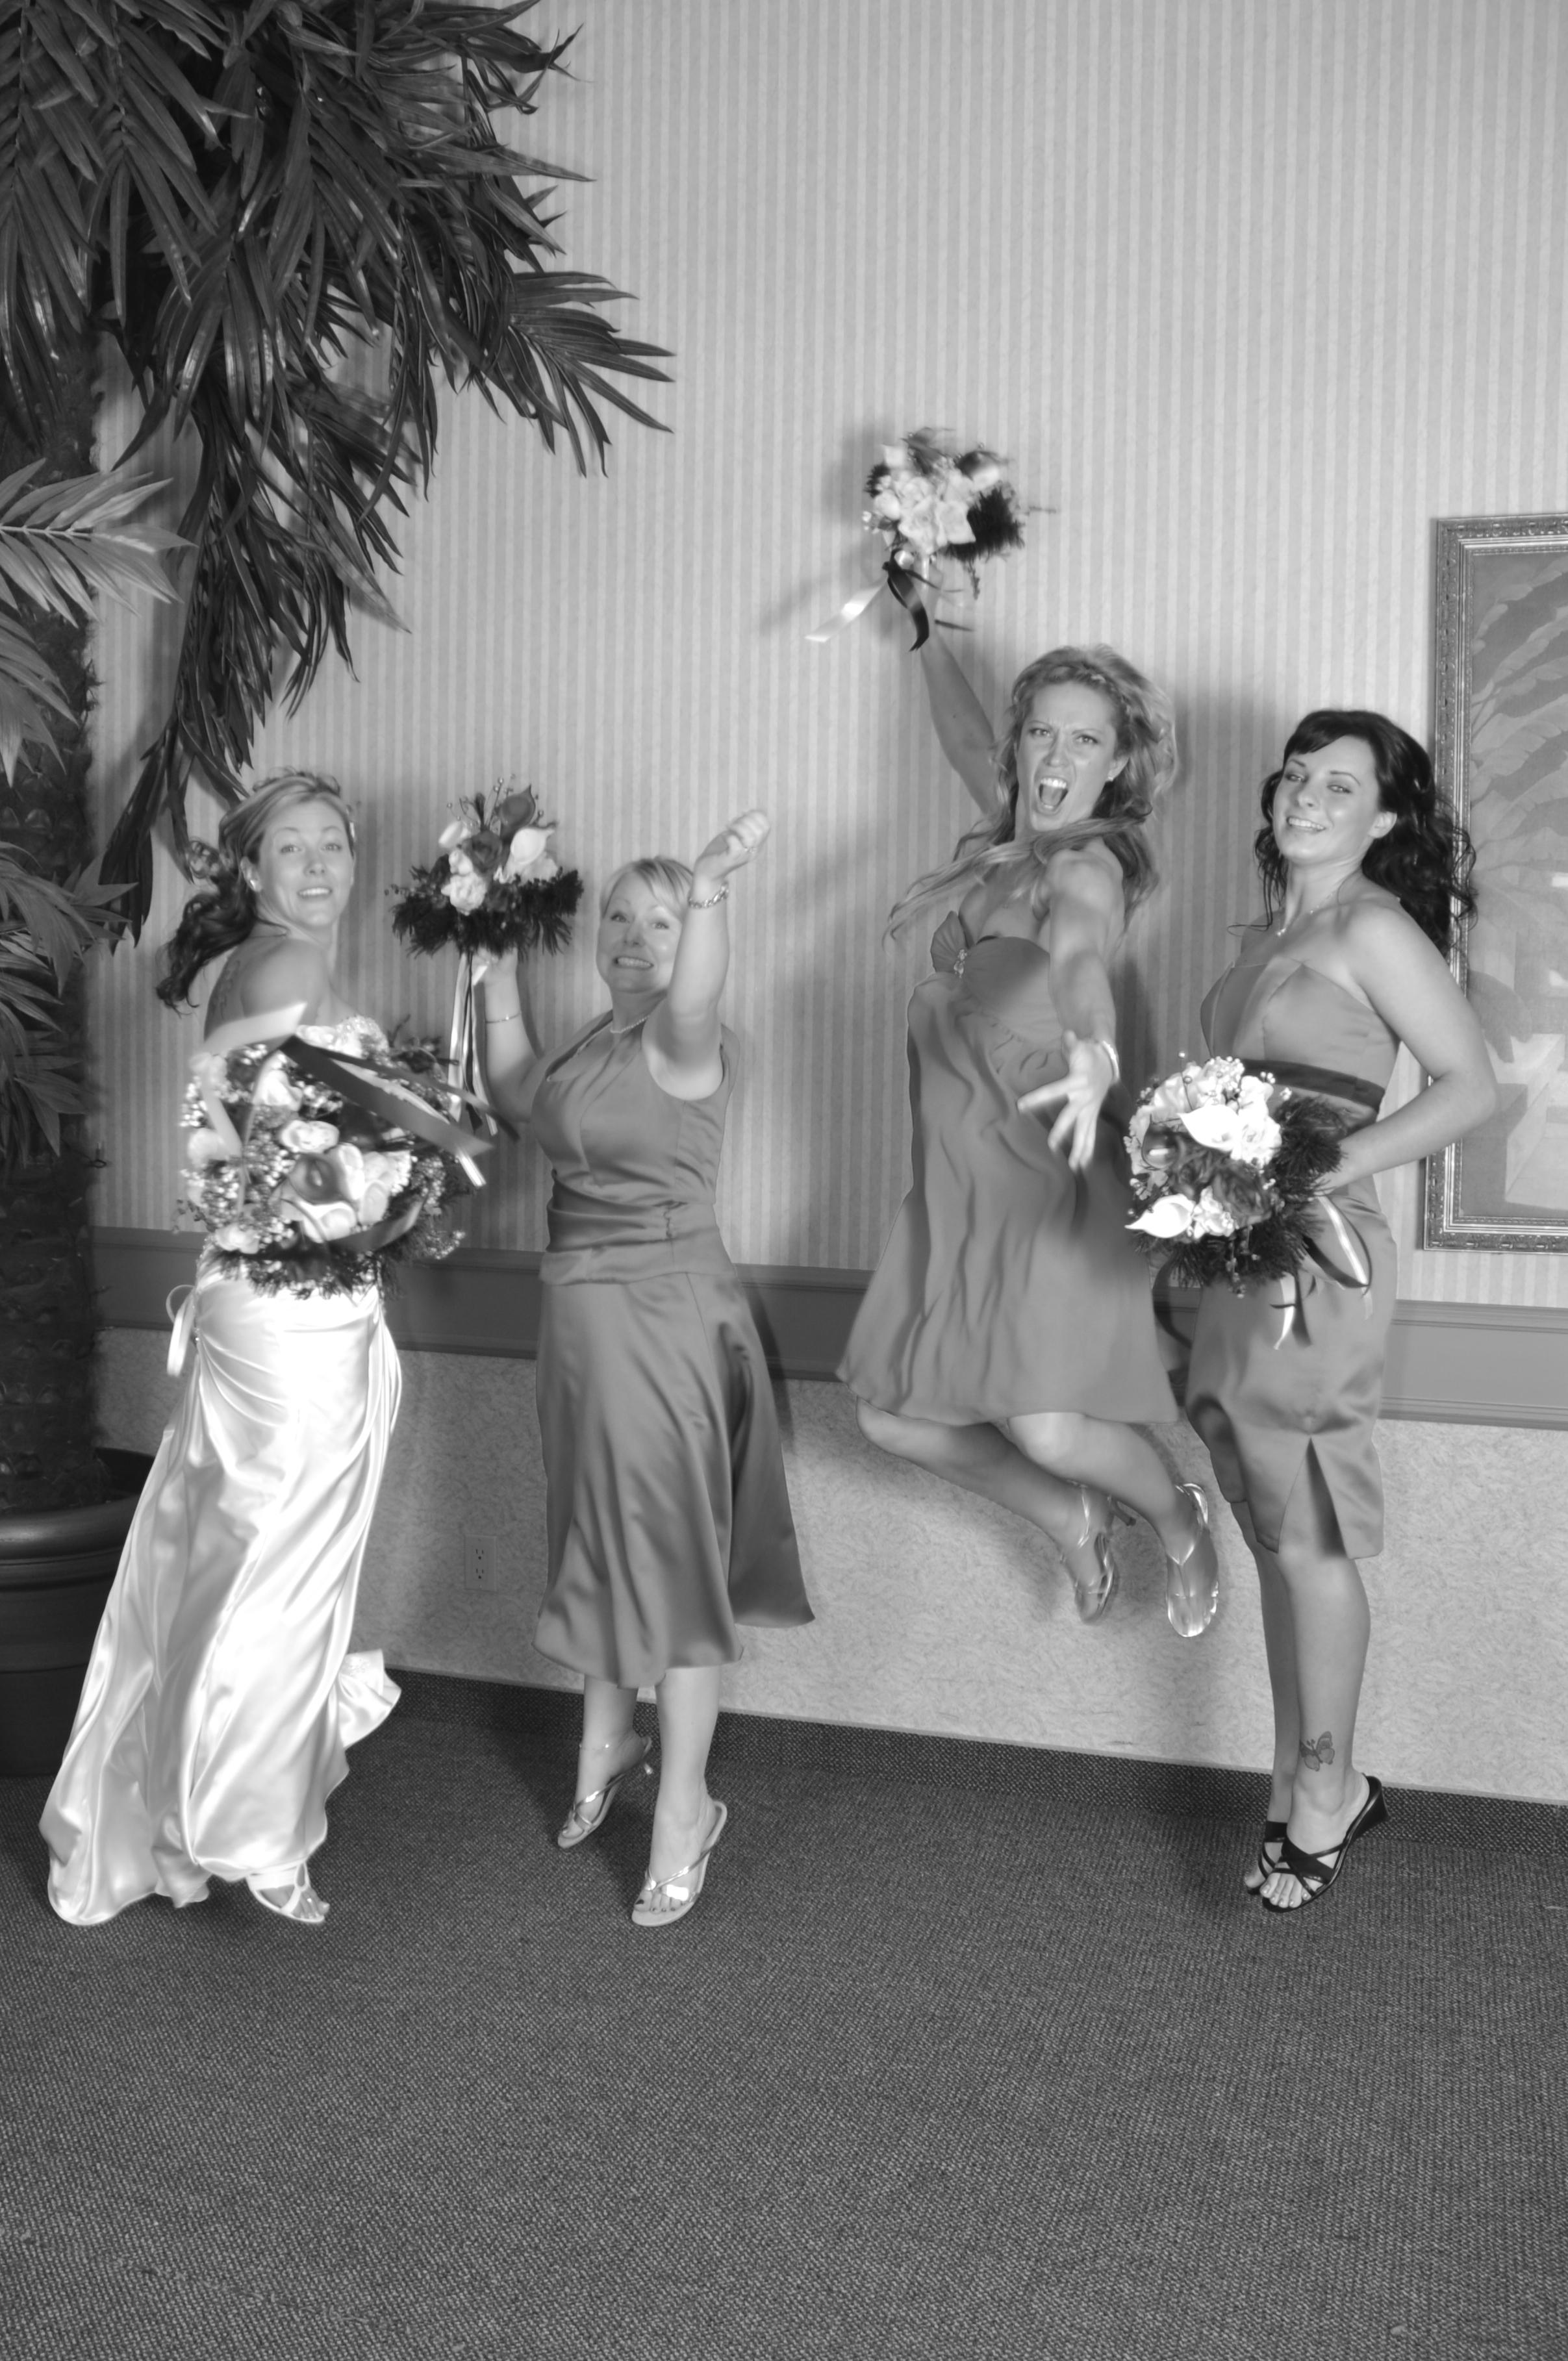 Stewart, Lacie_Stewart Wedding_Portraits BW_0579.jpg